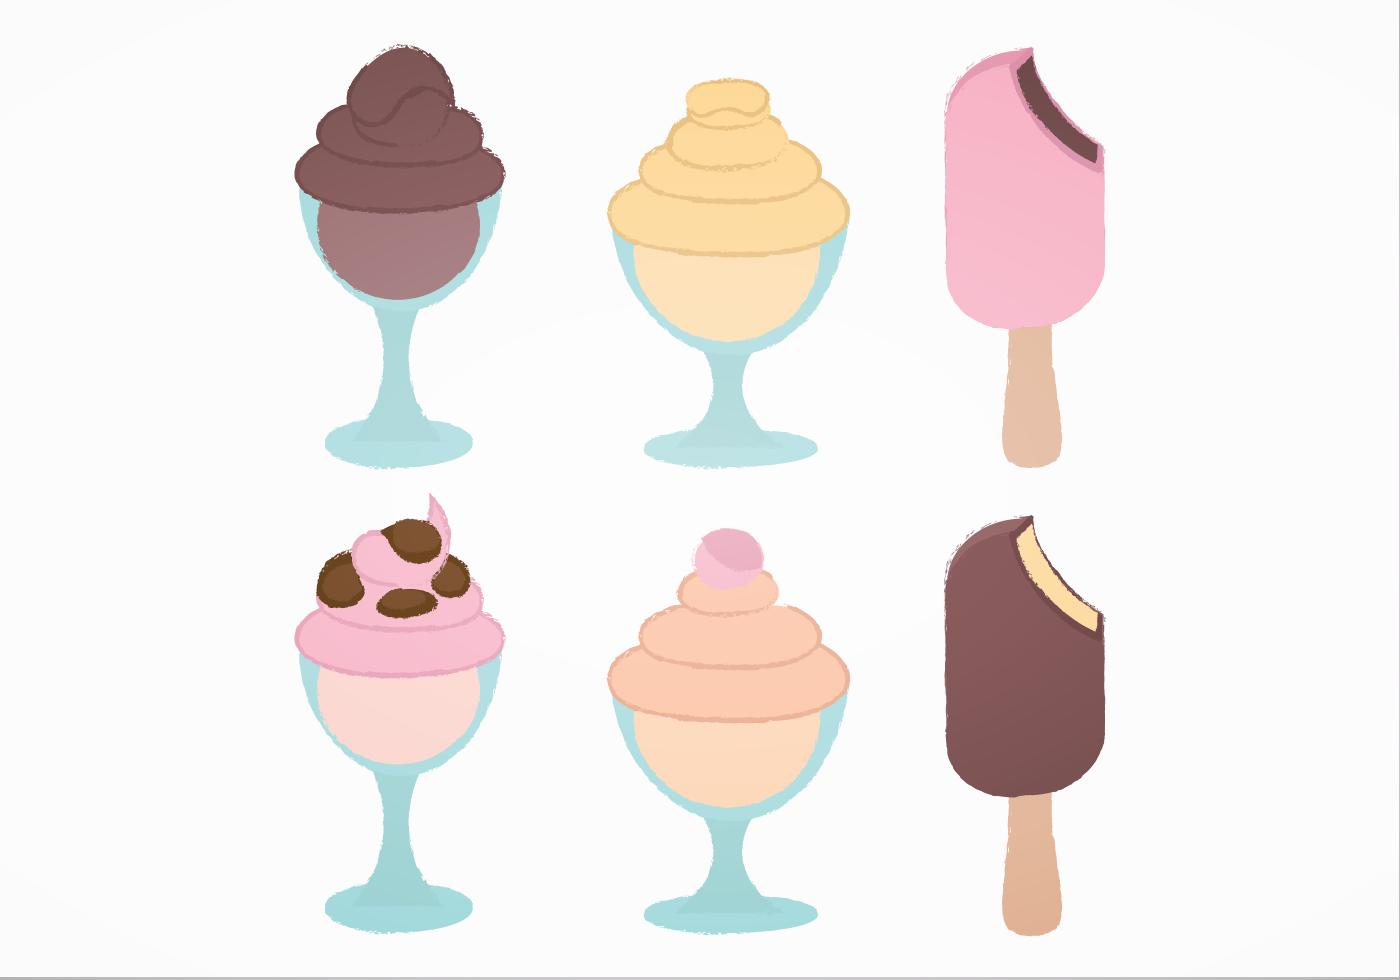 冰淇淋q版 免費下載   天天瘋後製